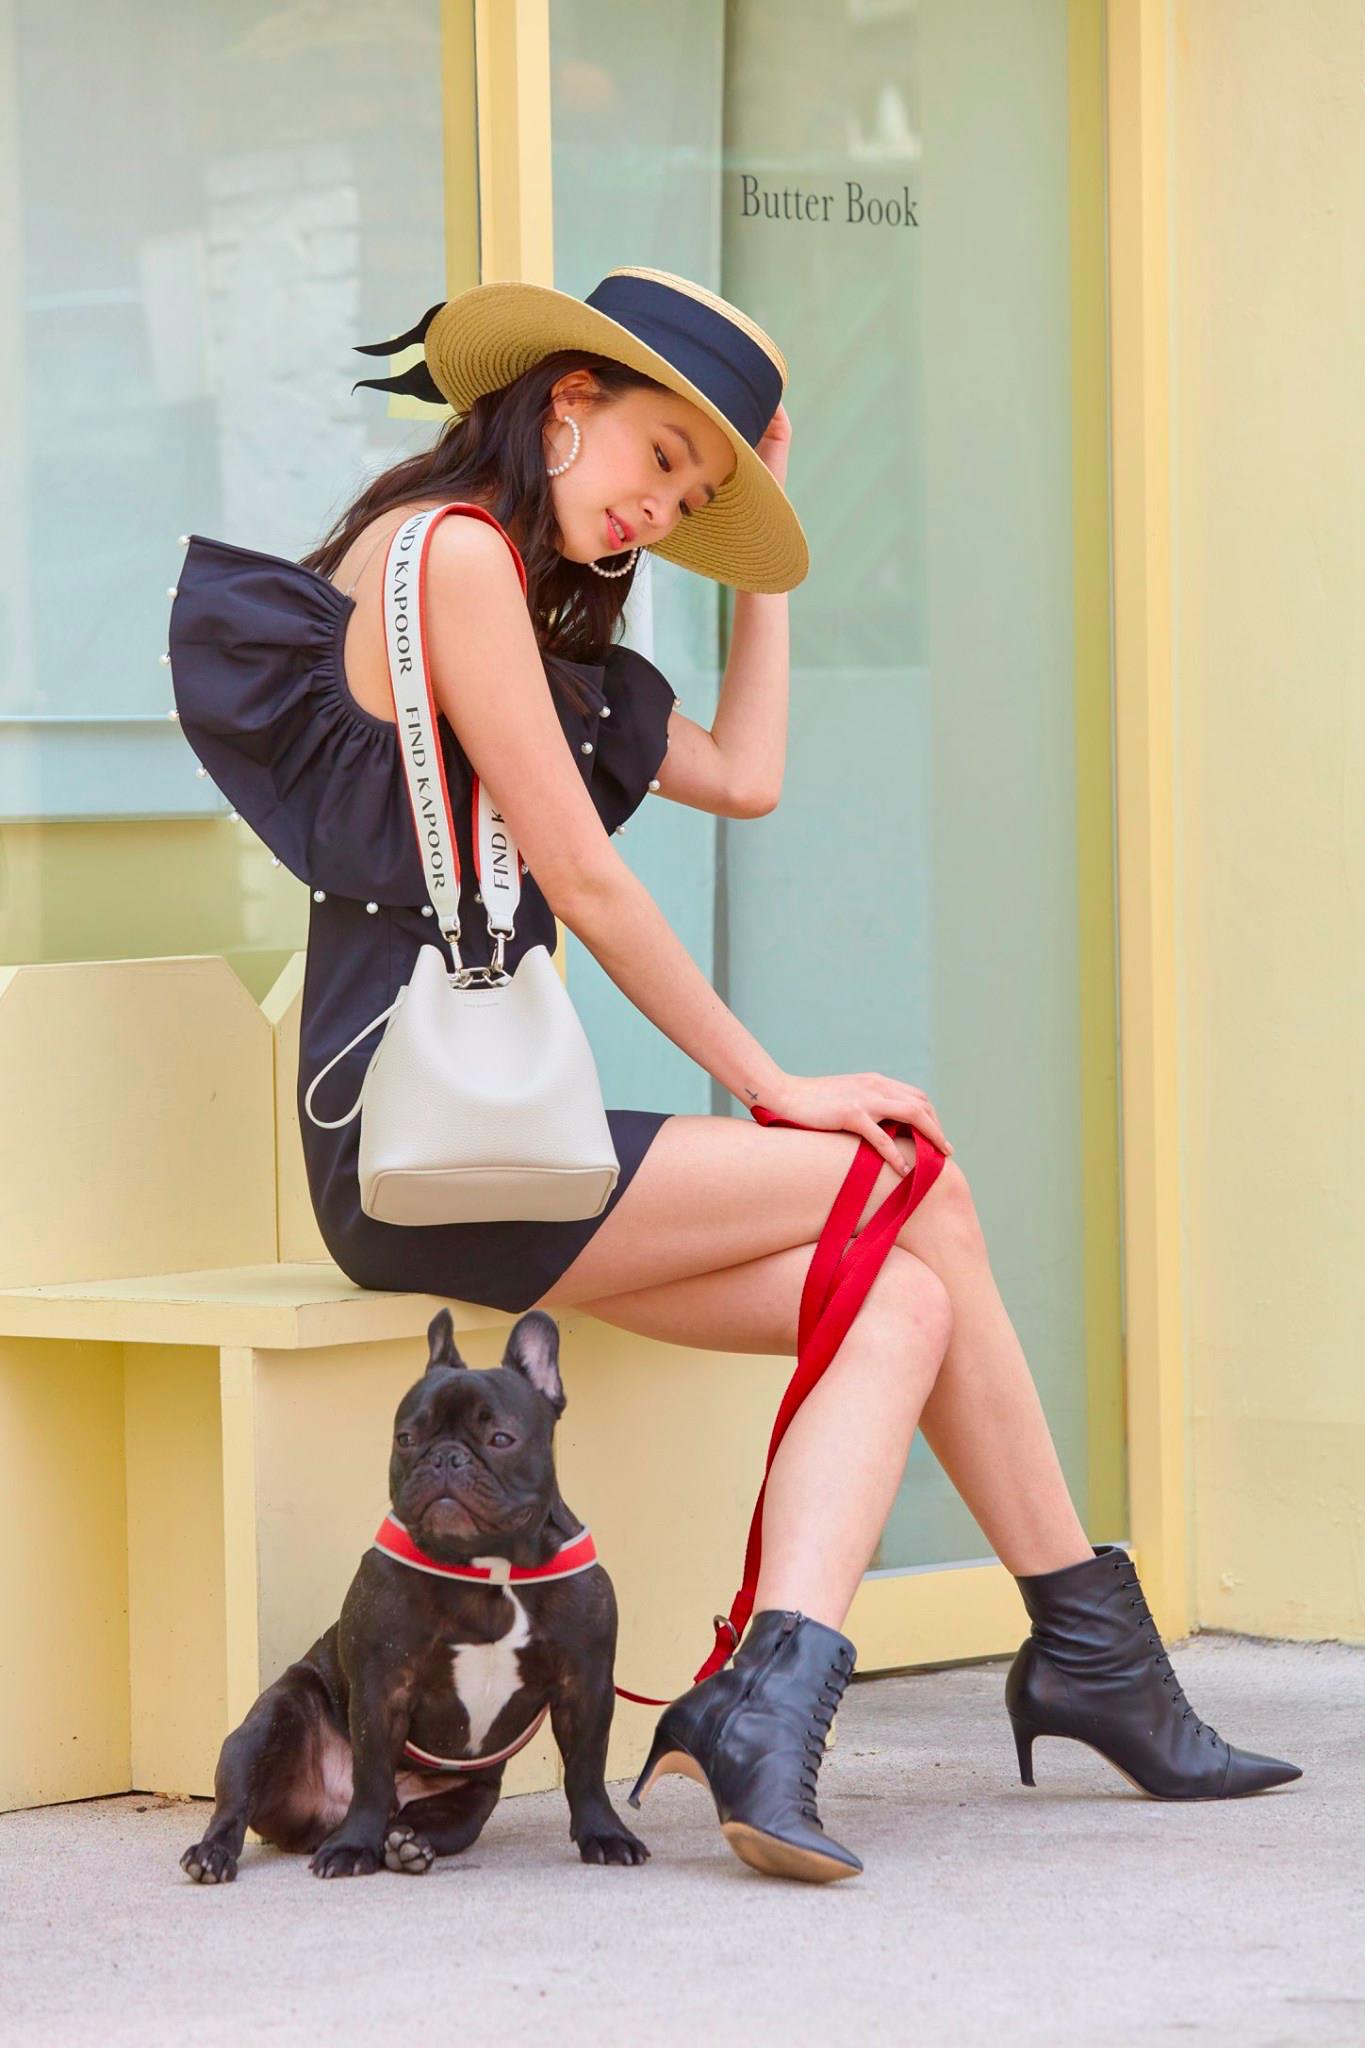 Muôn kiểu phối đồ như fashionista với một chiếc túi Bucket của Find Kapoor - Ảnh 2.